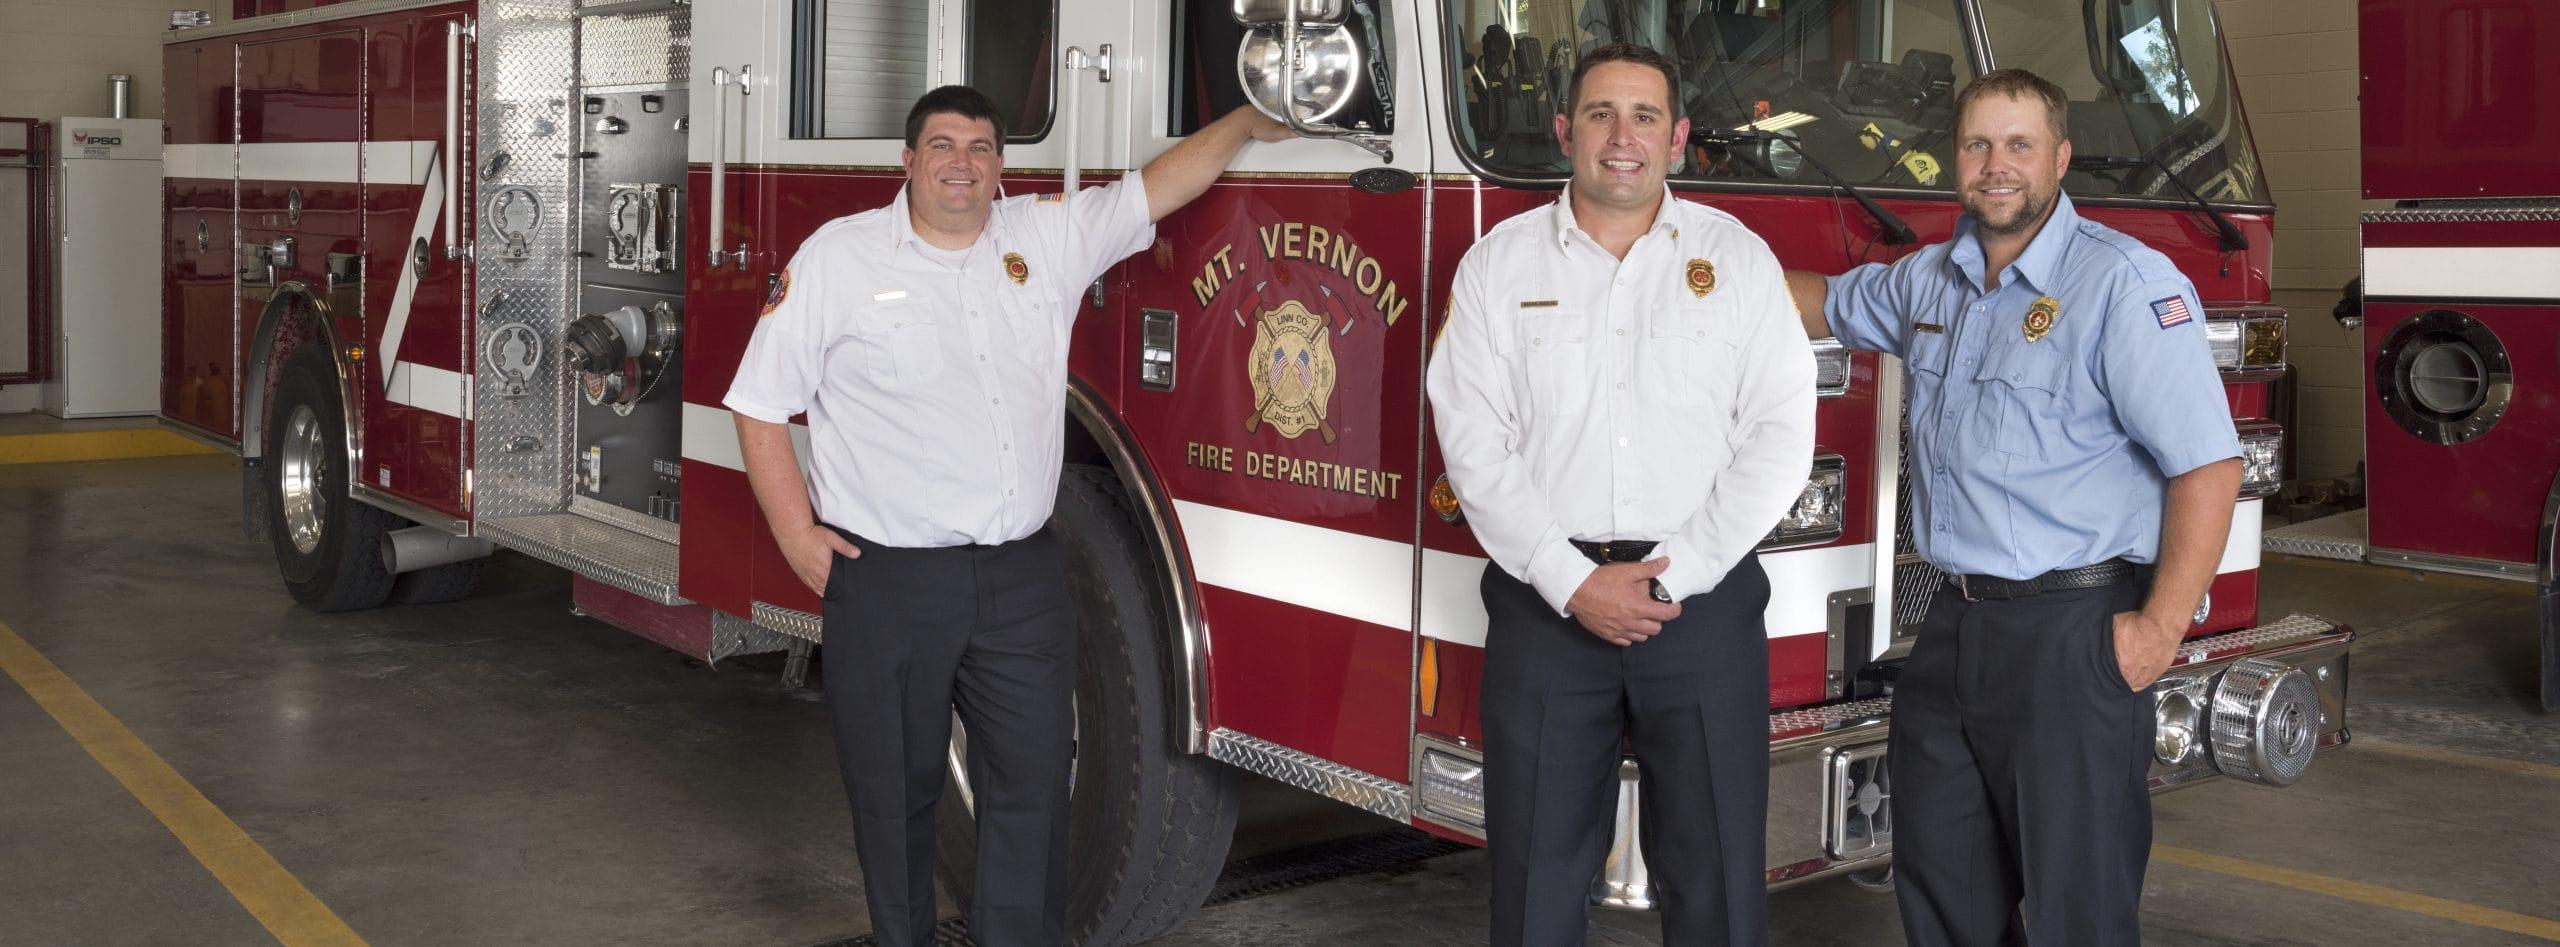 Mt. Vernon Volunteer Fire Dept. 2017, GCRCF